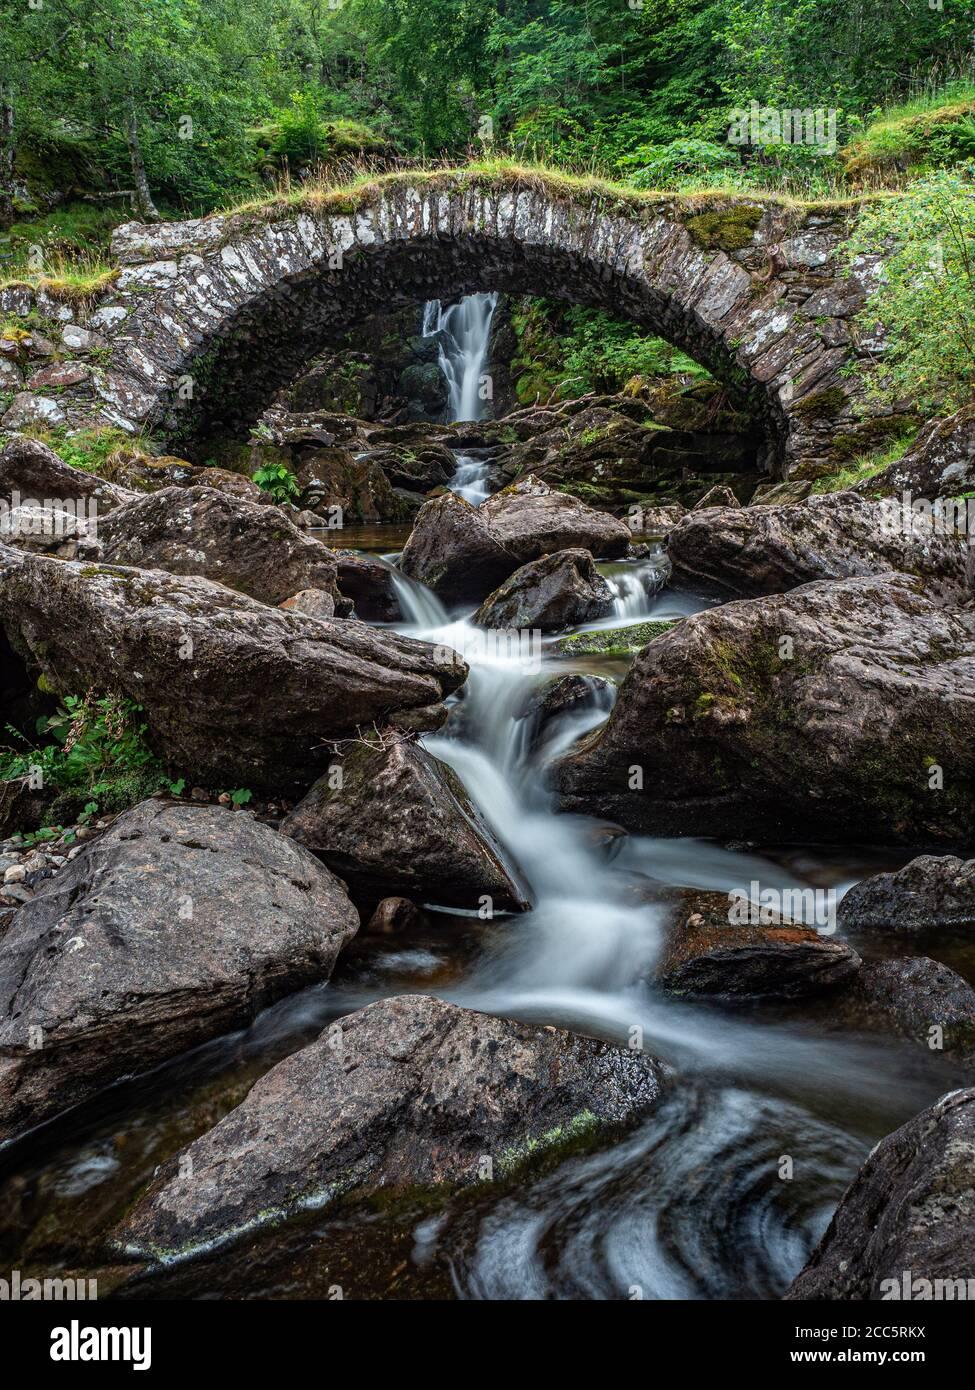 Un pont à cheval traversant un affluent sous une cascade sur la rive sud de la Lyon. C'est localement connu comme le pont romain, bien qu'actua Banque D'Images